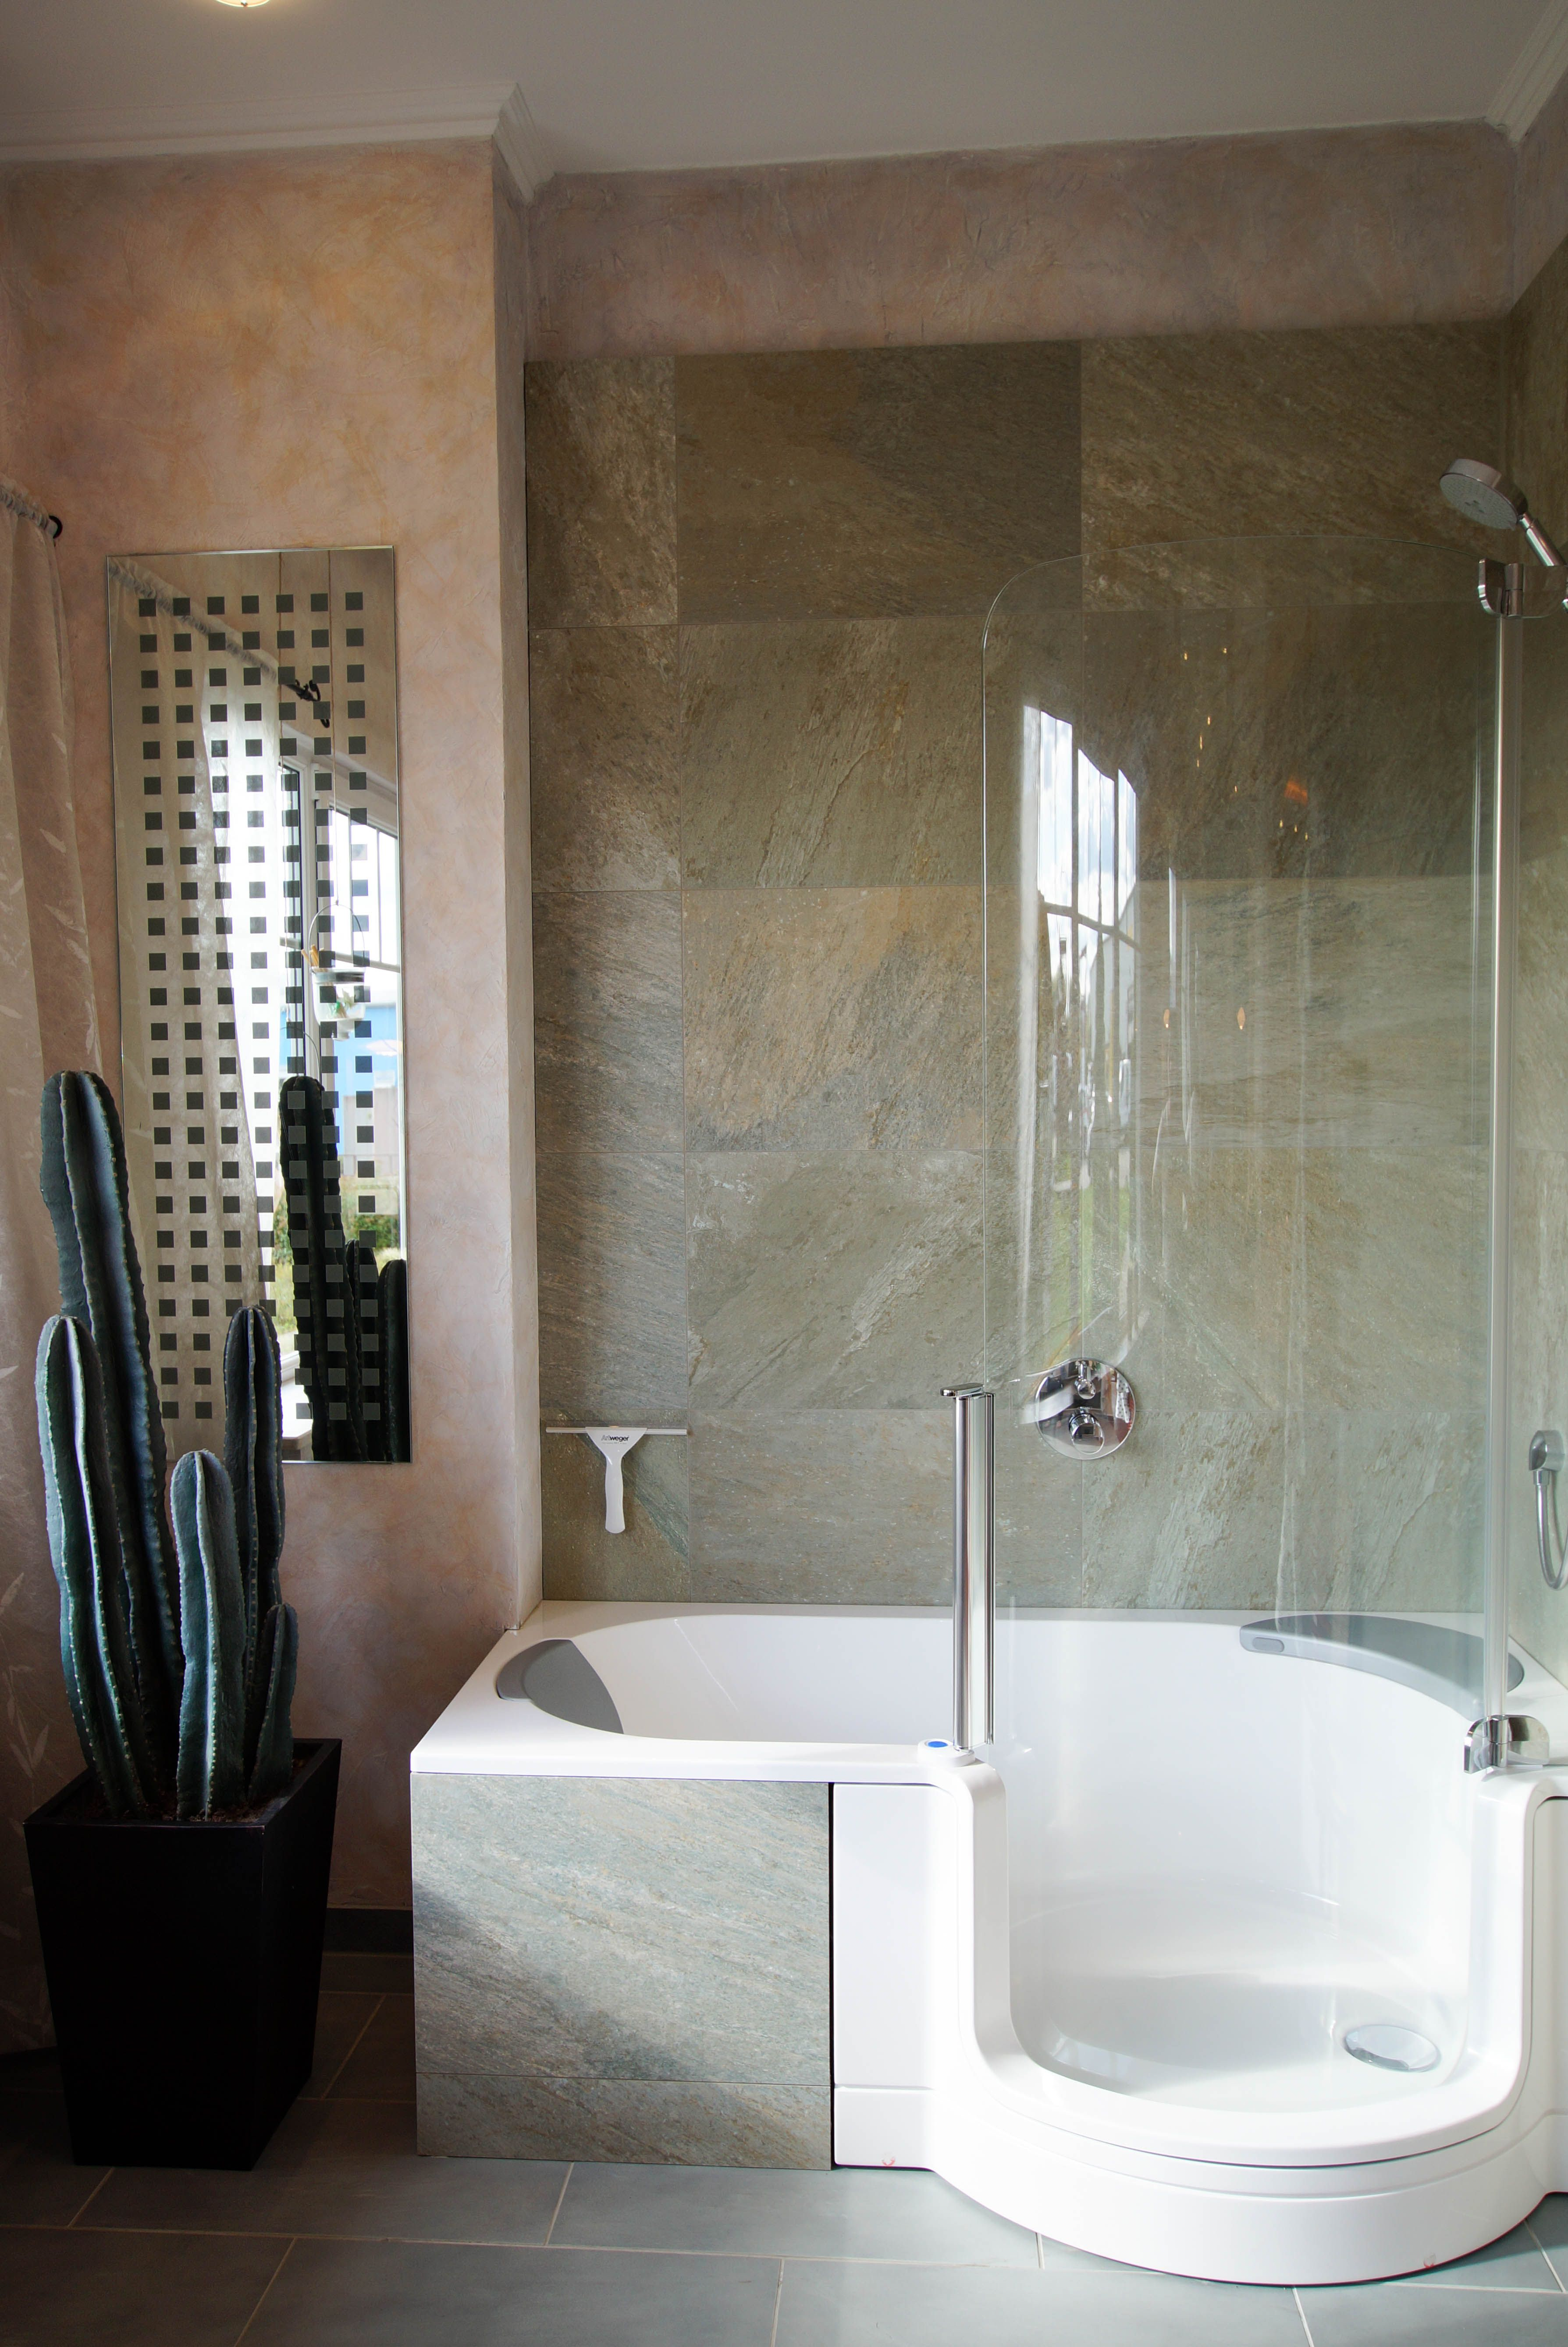 Badezimmerdesign mit jacuzzi badausstellung potsdam  badezimmer  pinterest  bathroom bath and